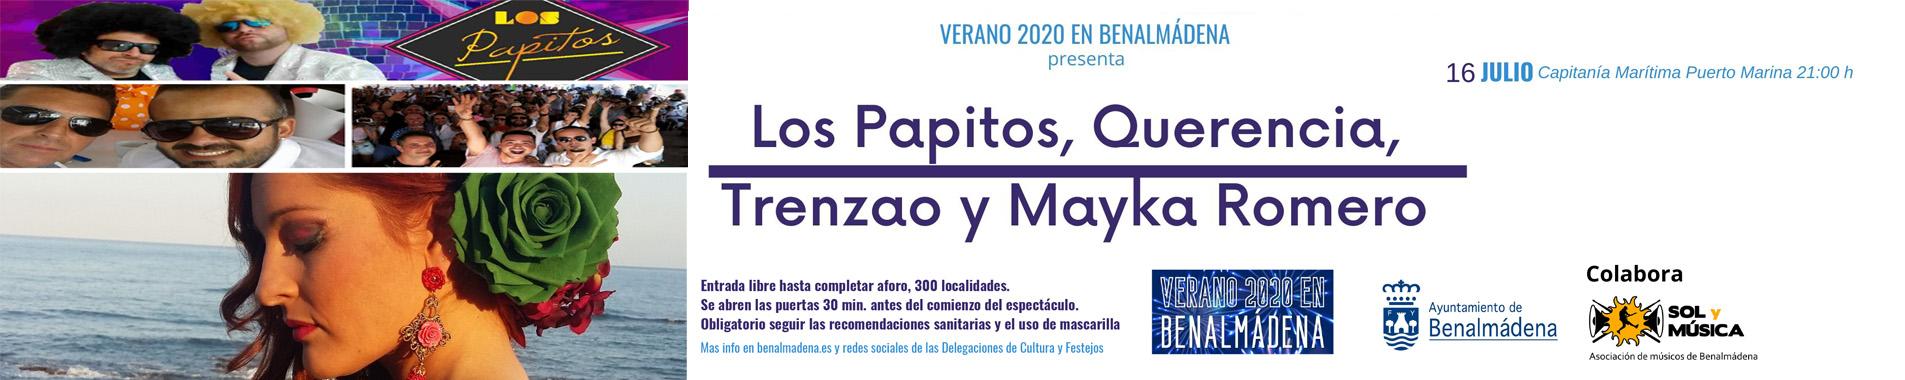 Concierto 16 Julio 2020